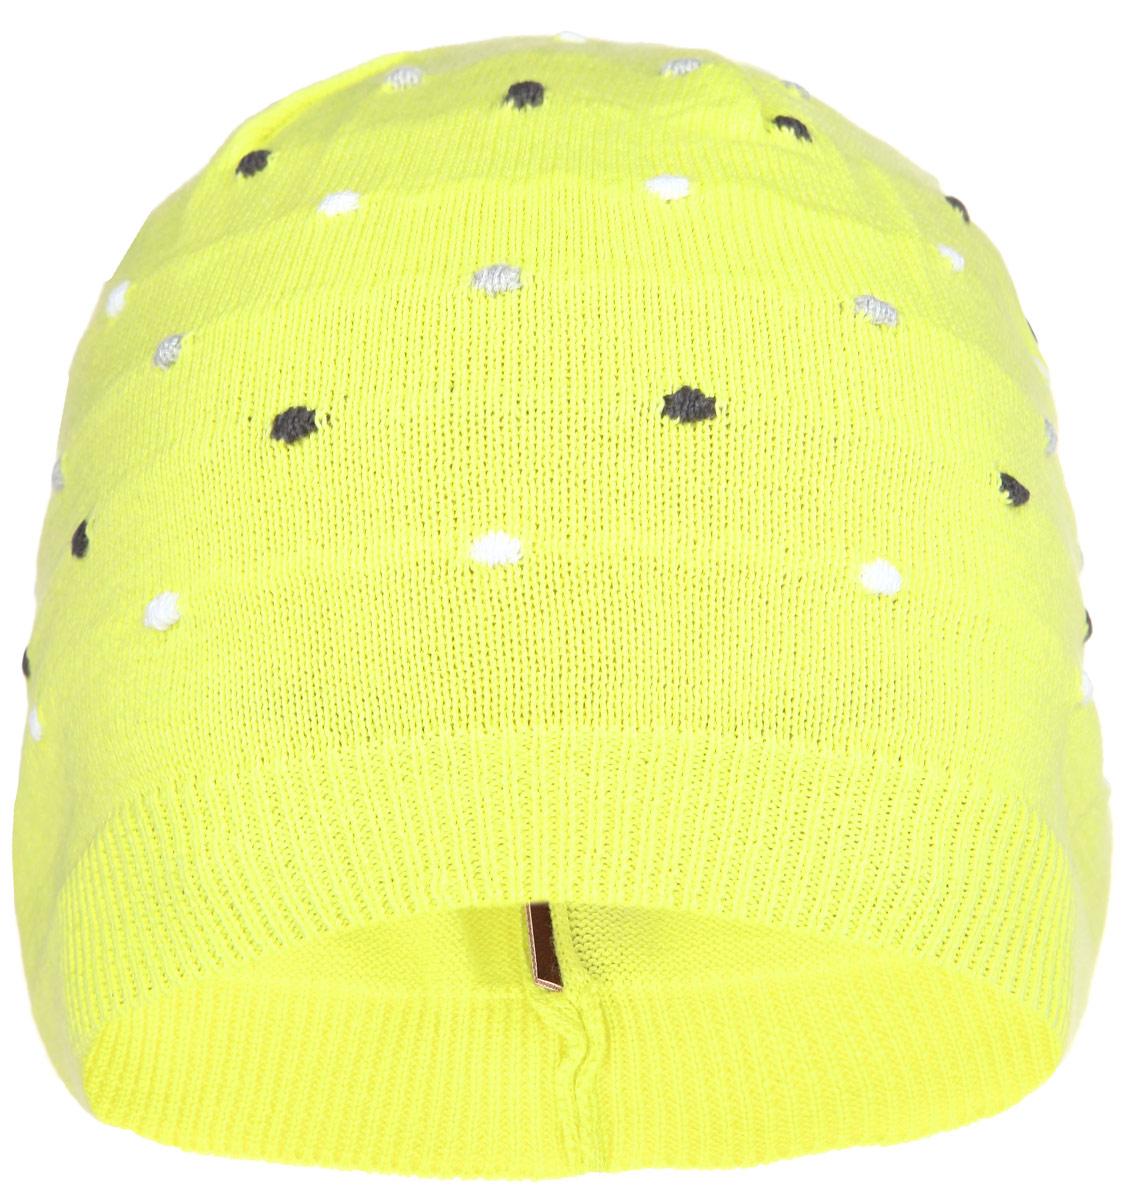 Шапка528461_2310Комфортная детская шапка Reima Bilberry идеально подойдет для прогулок в прохладное время года и защитит вашего ребенка от ветра. Шапочка изготовлена из мягкой хлопковой пряжи. Модель оформлена контрастными вязаными горошинами. Понизу изделие связано мелкой резинкой. В такой шапке ваш ребенок будет чувствовать себя уютно и комфортно и всегда будет в центре внимания! Уважаемые клиенты! Размер, доступный для заказа, является обхватом головы ребенка.